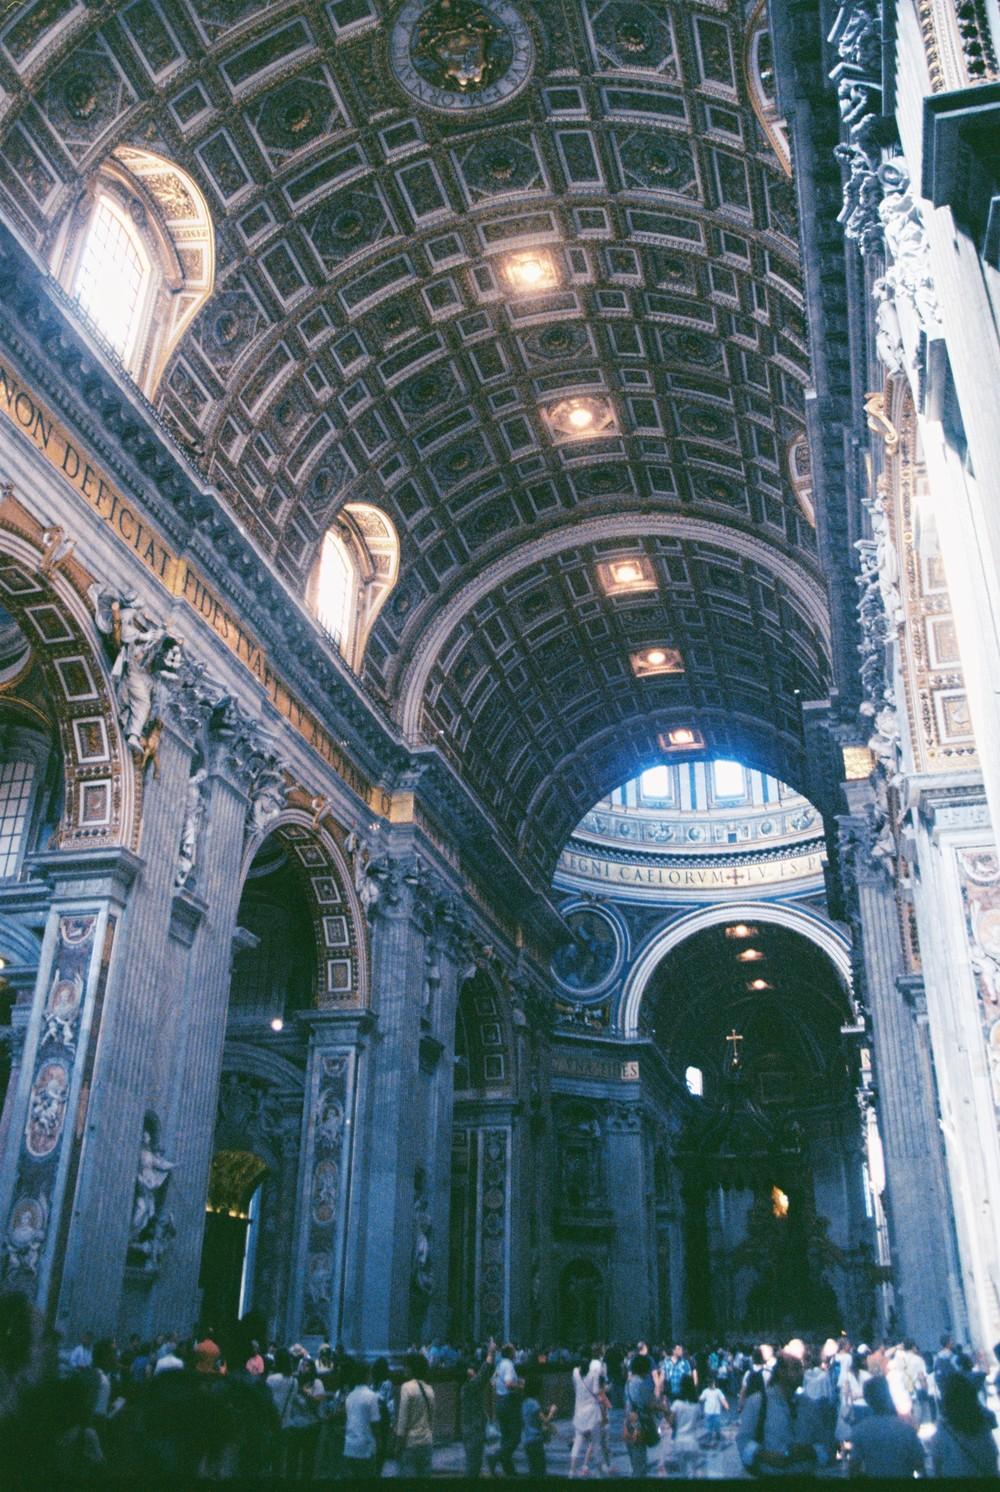 St Peter's Basillica.